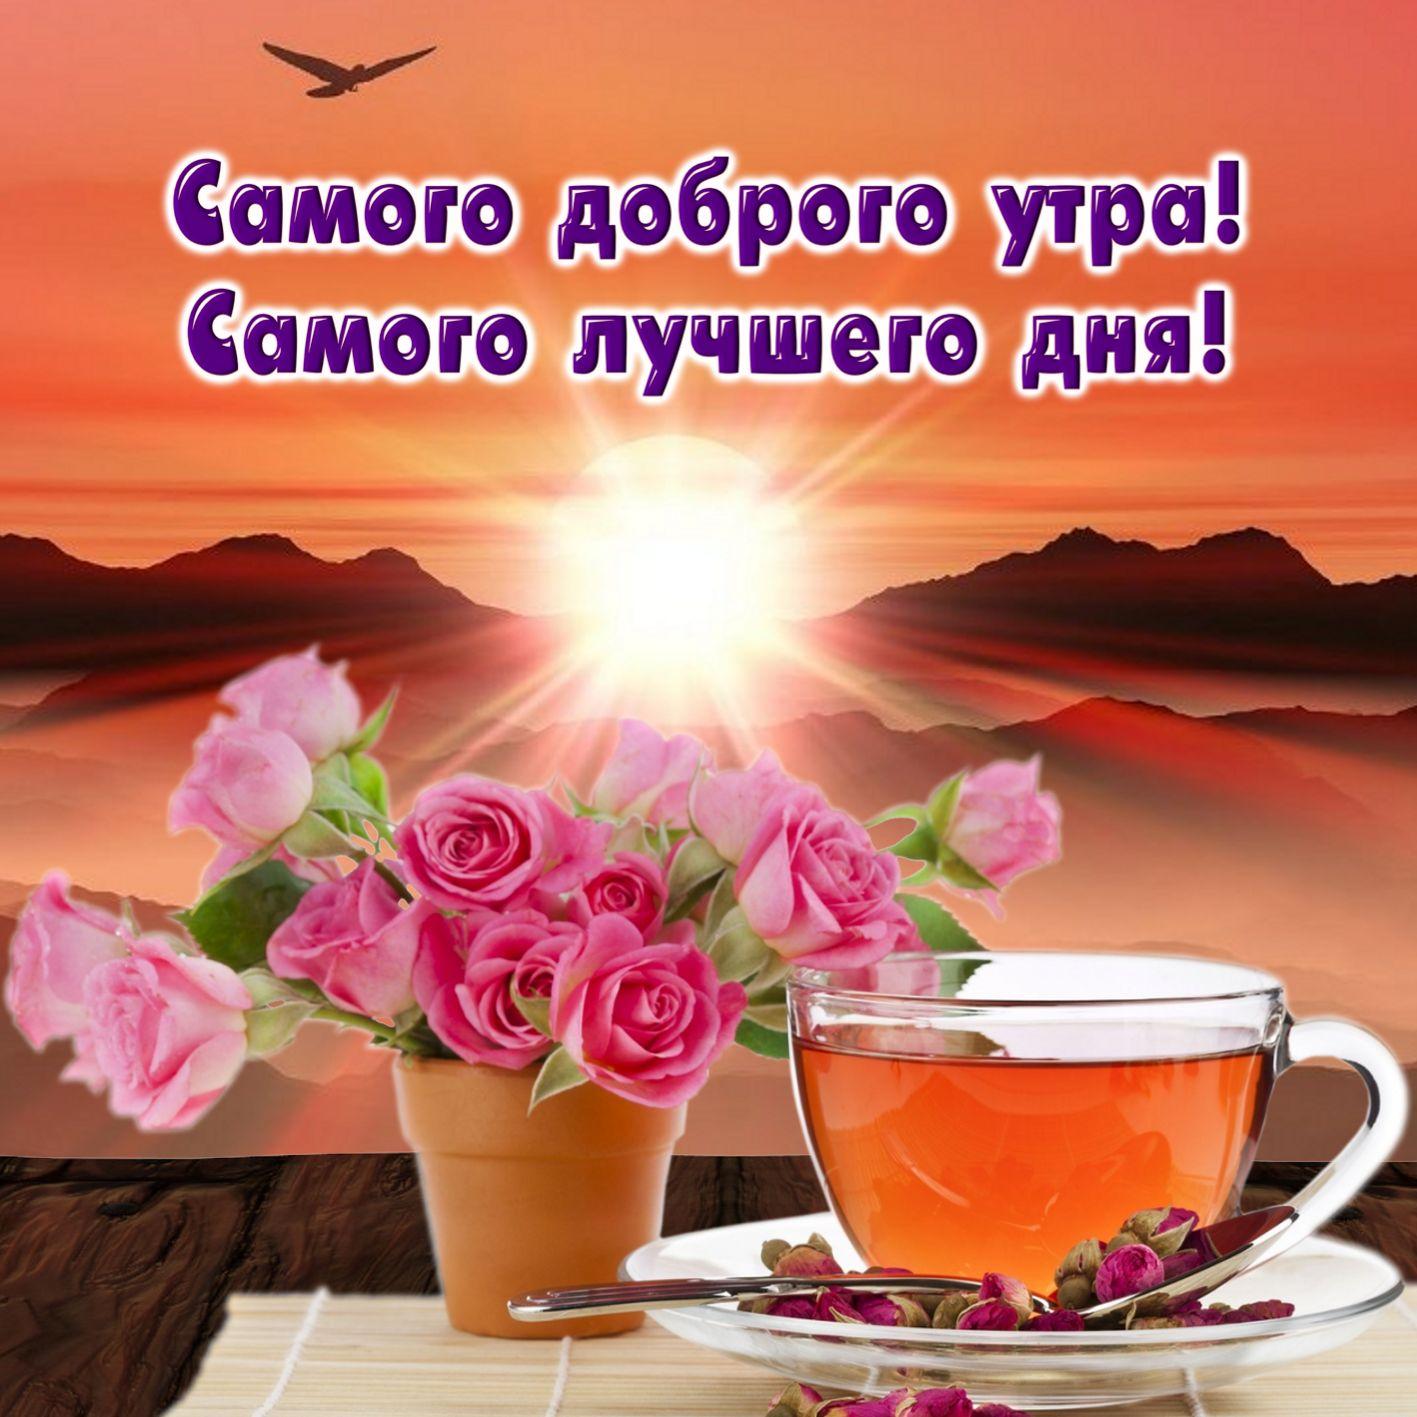 Красивые открытки с пожеланиями любимой доброго утра и хорошего дня, днем рождения картинки